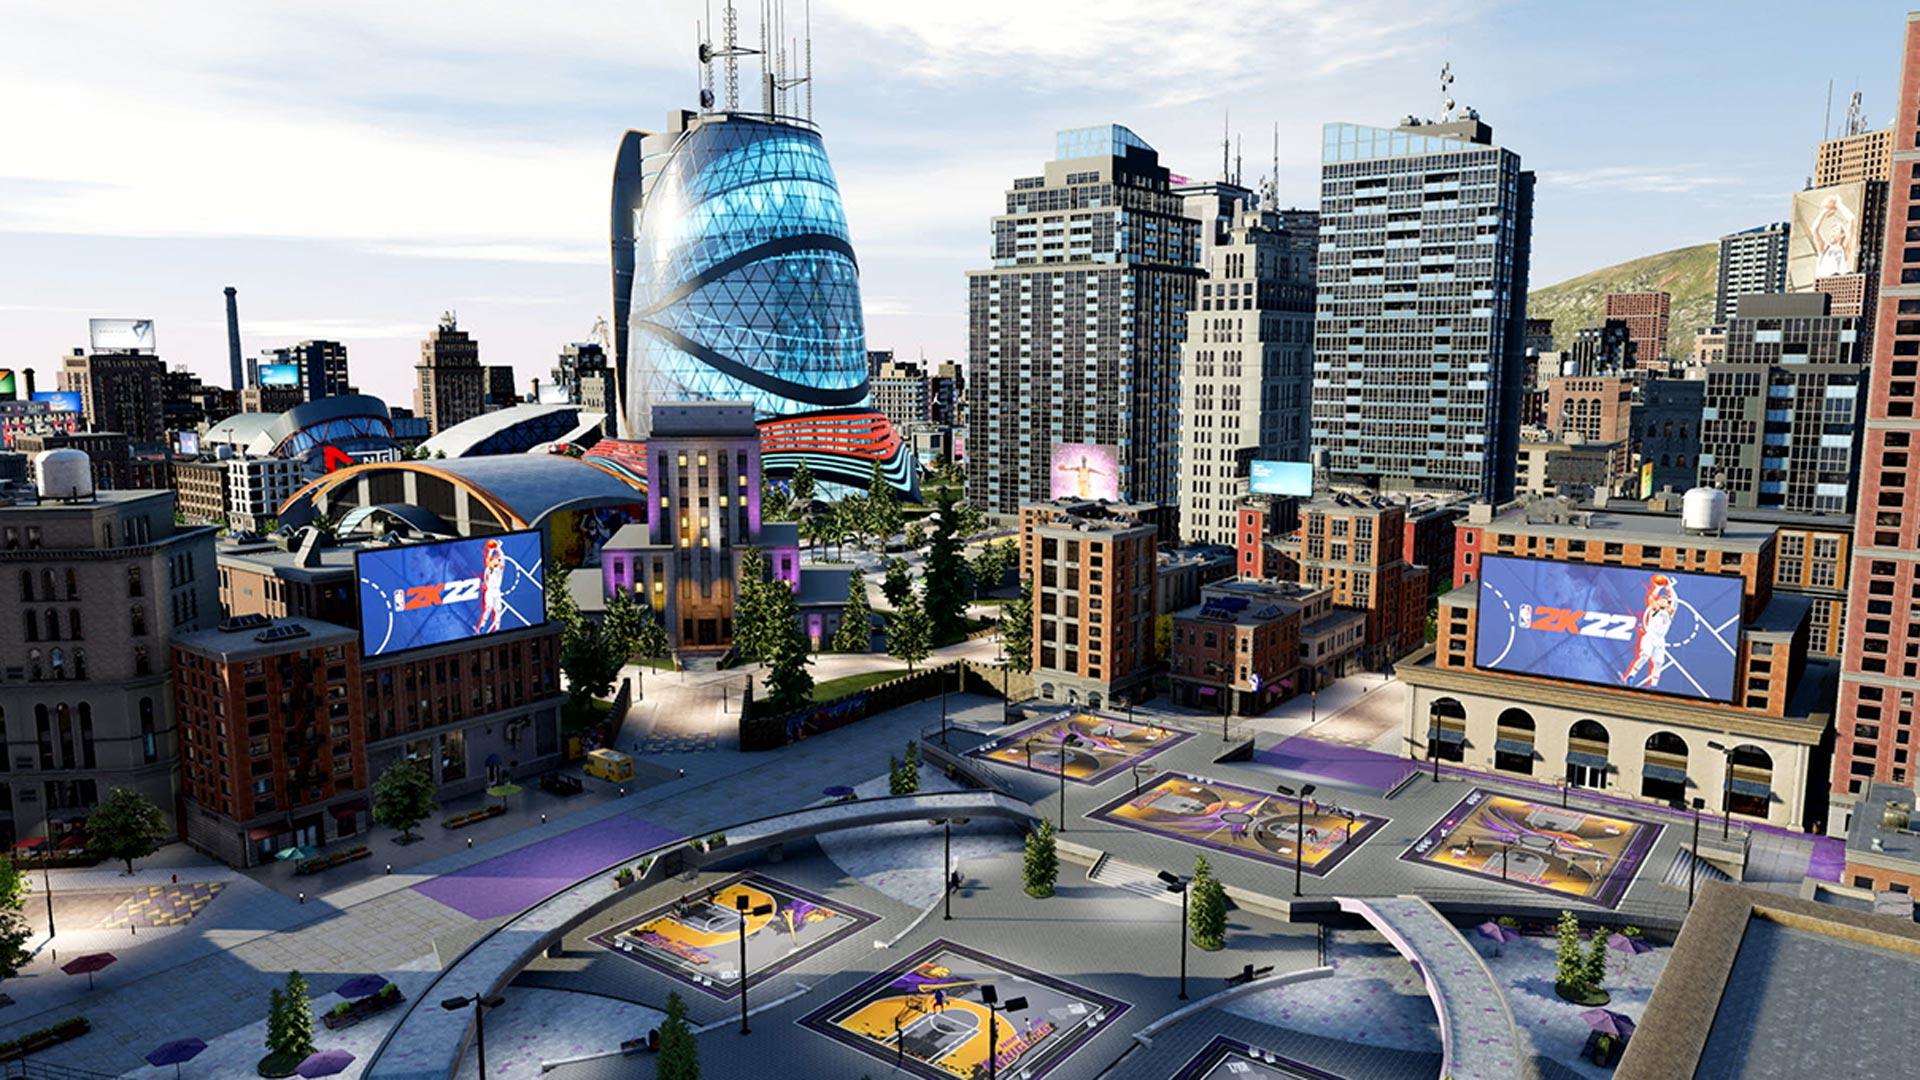 Die Stadt im Spiel NBA 2K22